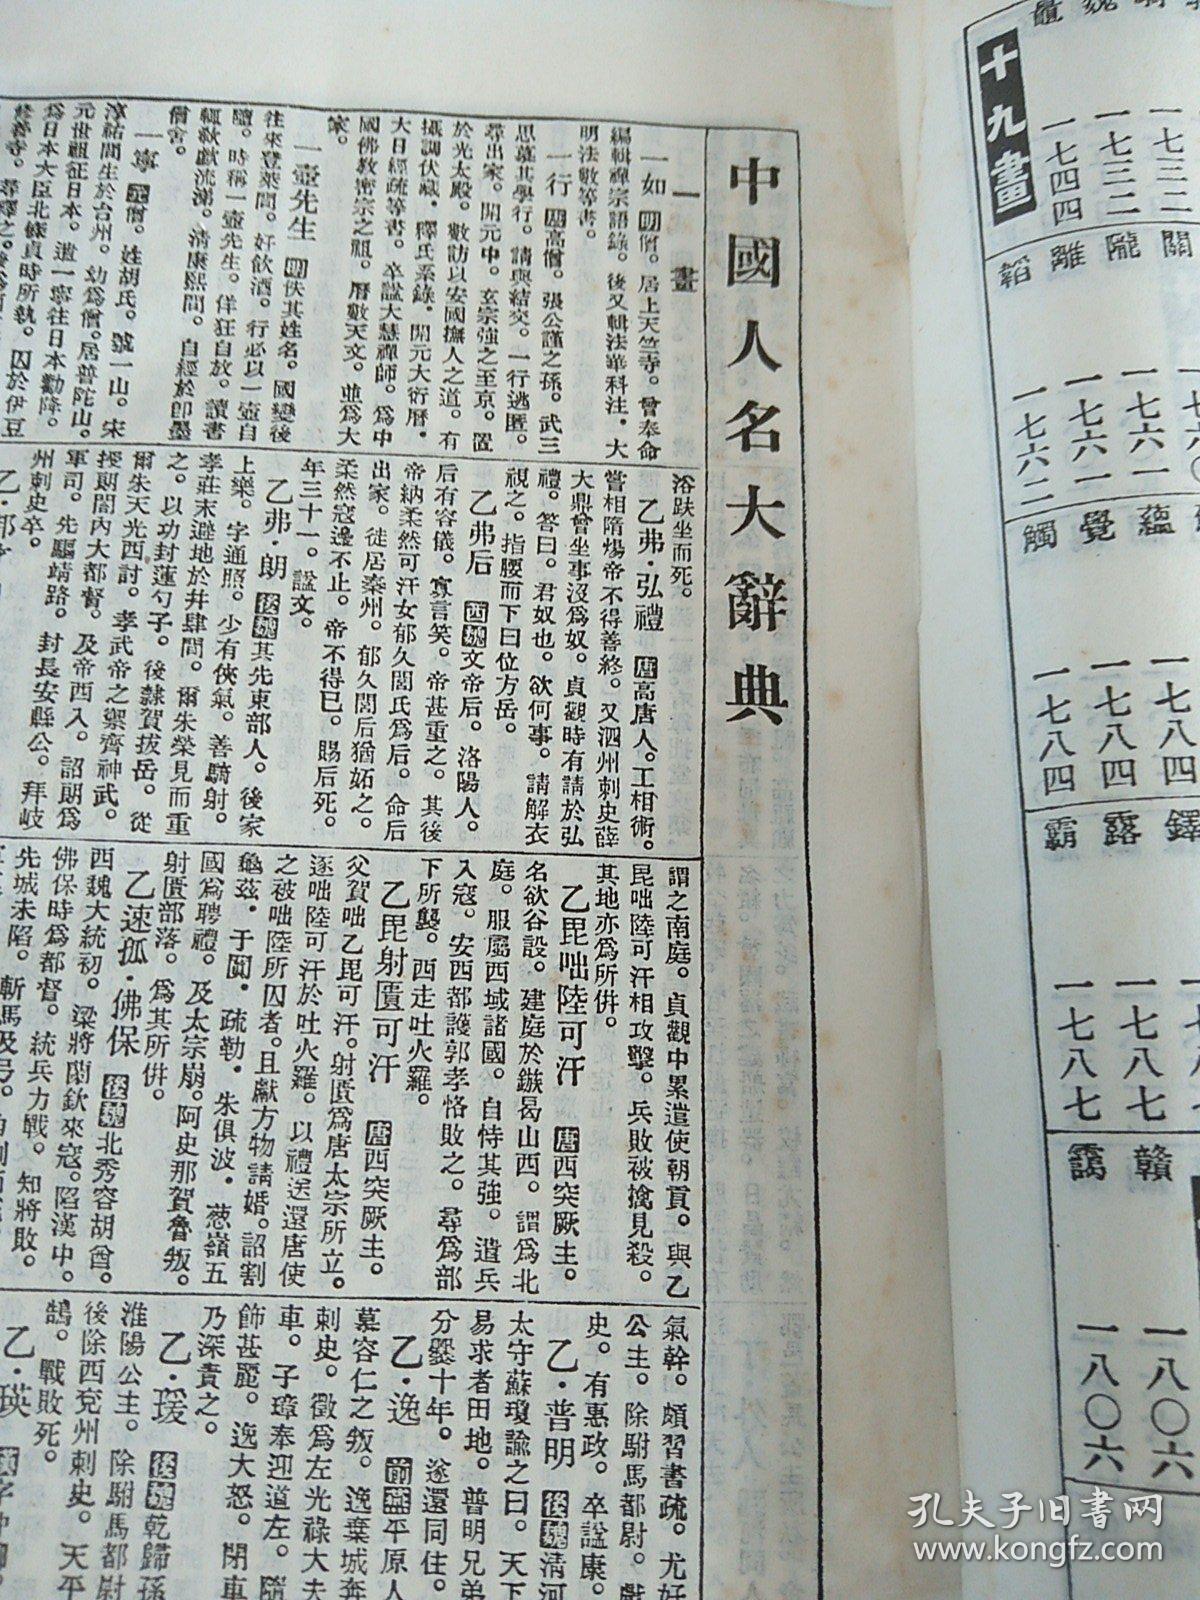 繁体字游戏名字大全_游戏名字_祥安阁风水网